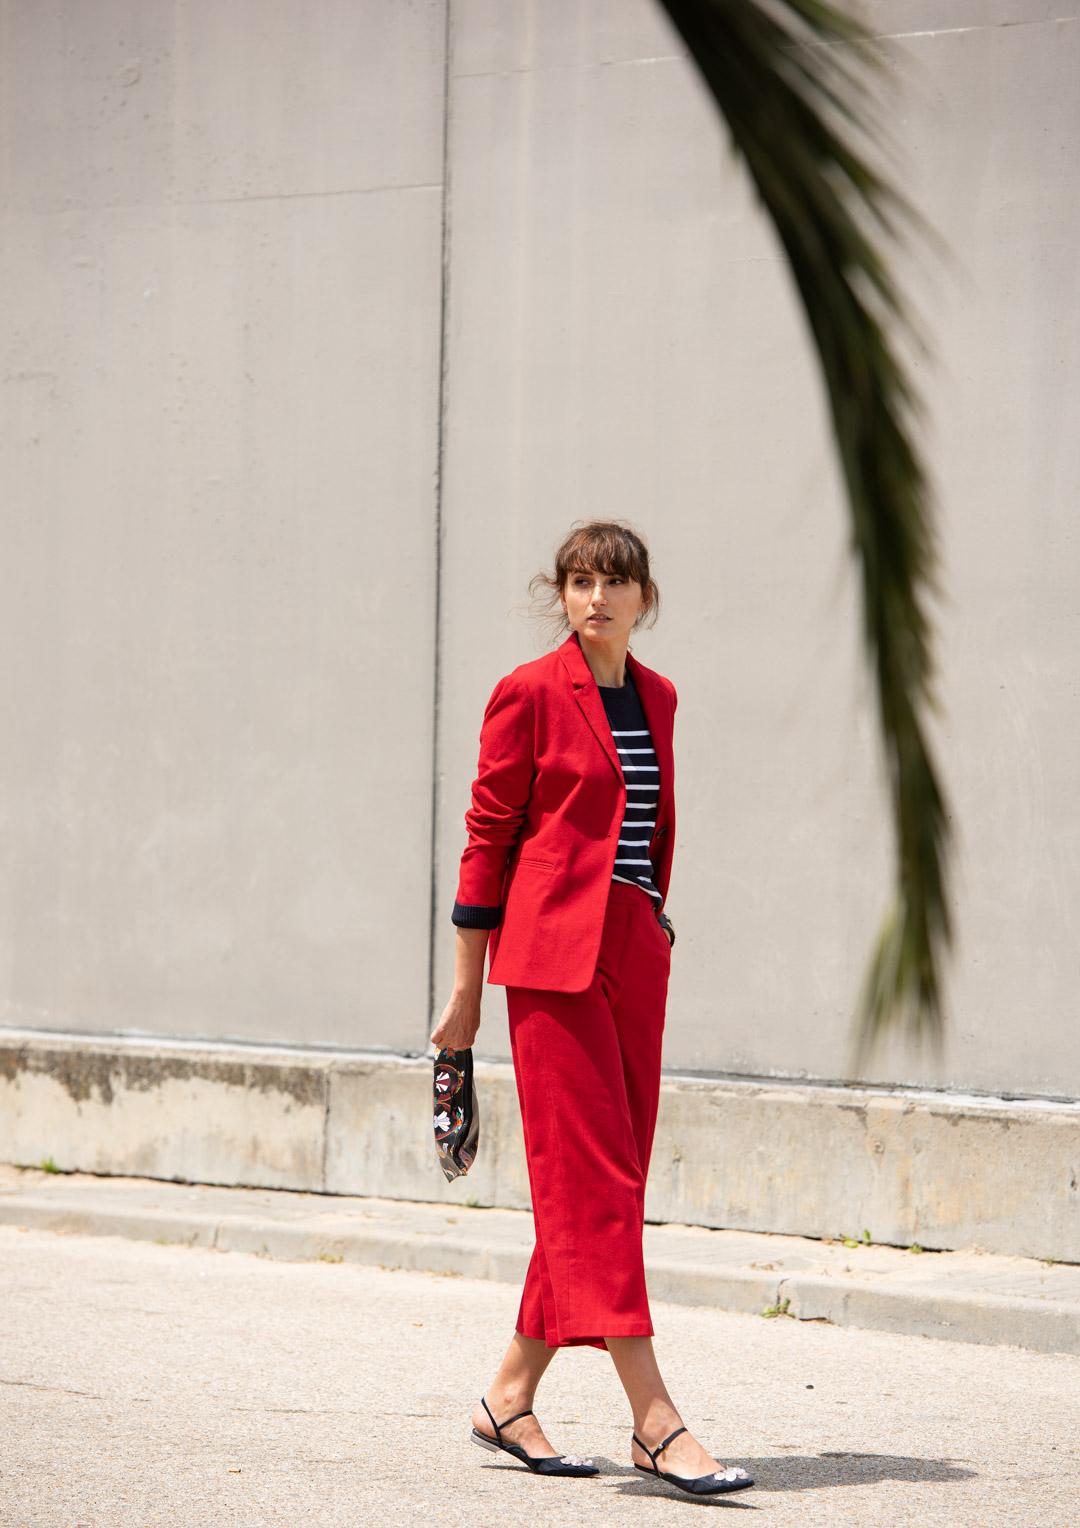 red-suit-street-style-mayte-de-la-iglesia-web-03